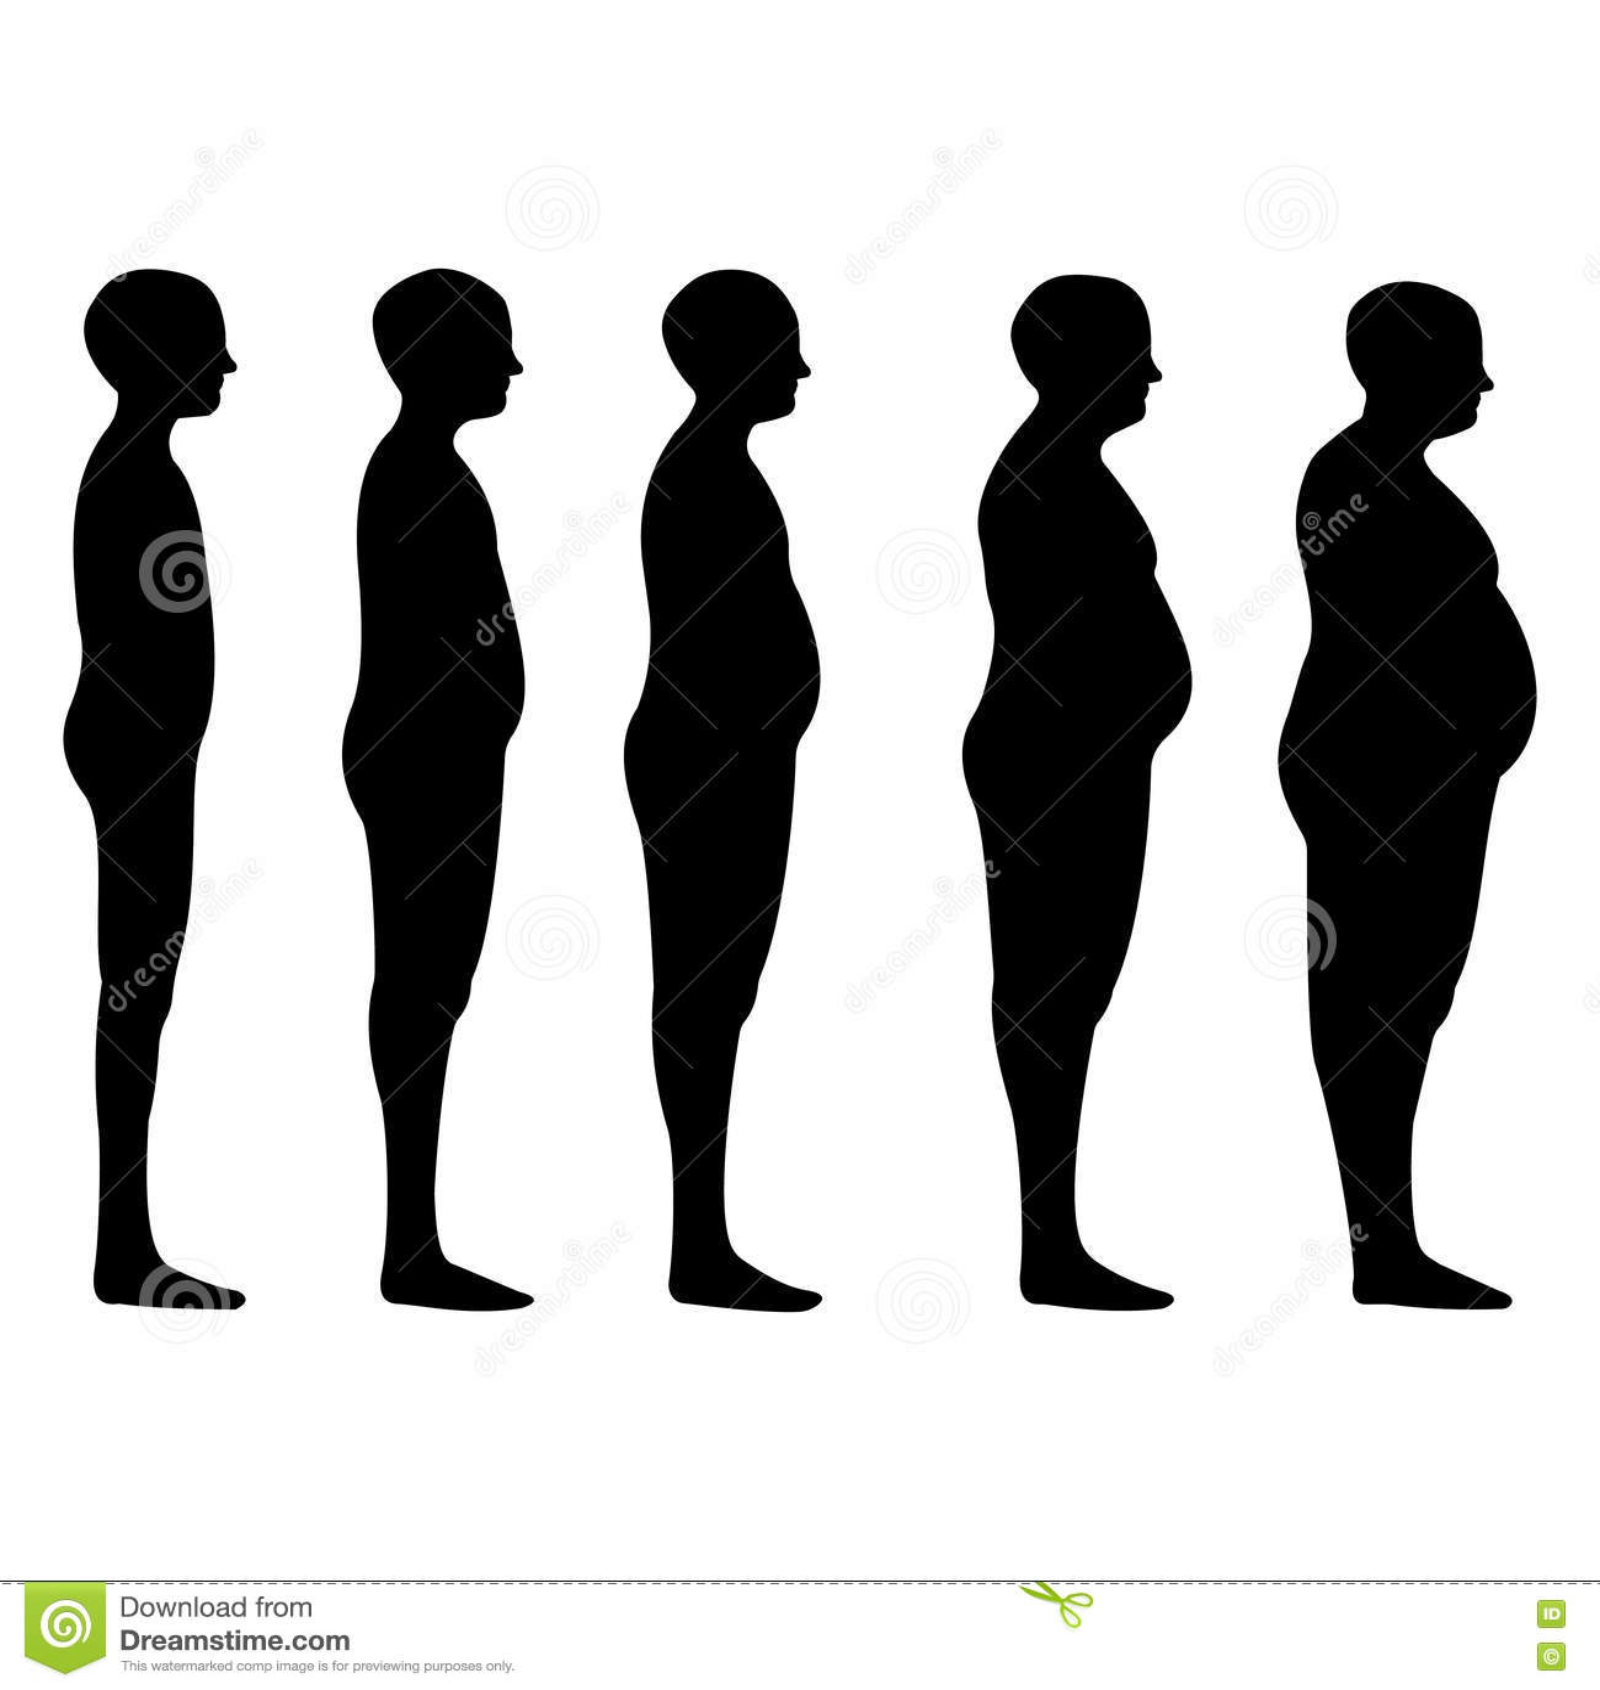 Stopień otyłość sylwetki mężczyzna z różnymi stopniami otyłość, od chudy gęsty, pojęcia dieta i zmniejszać exce,